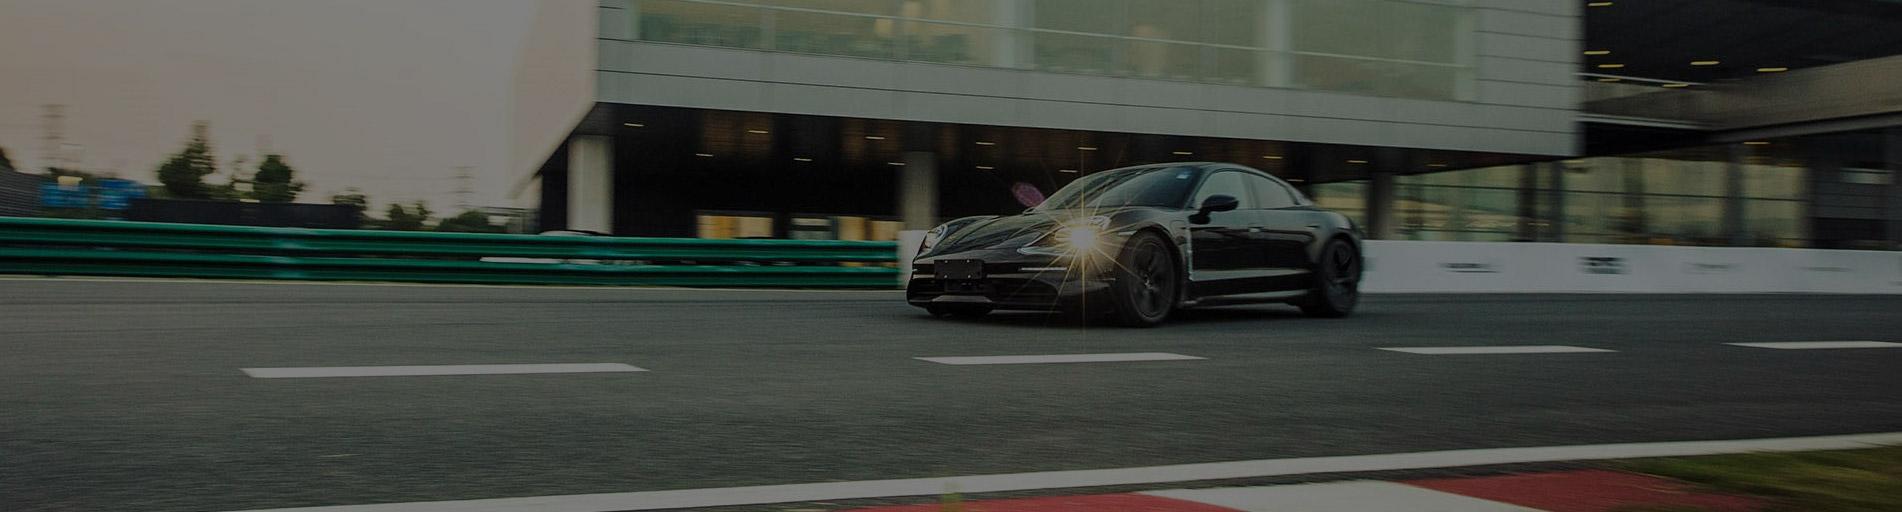 Csak úgy száguld a Porsche a világ körül